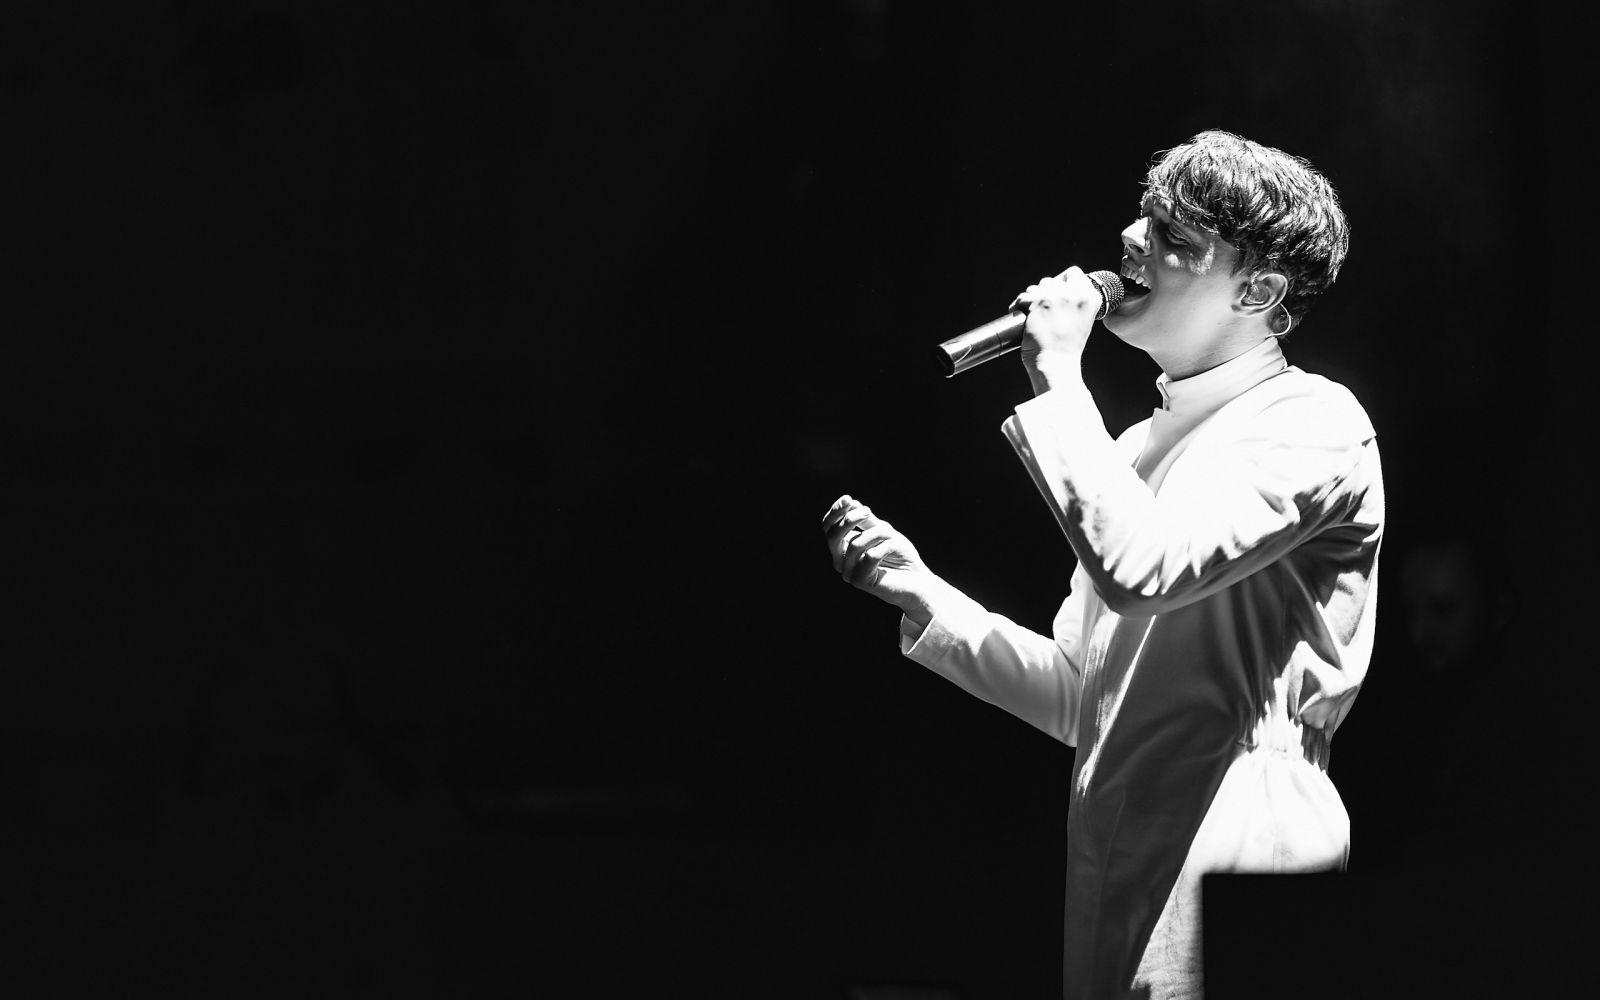 Опьяненные талантом: Alekseev взорвал публику своим первым альбомом